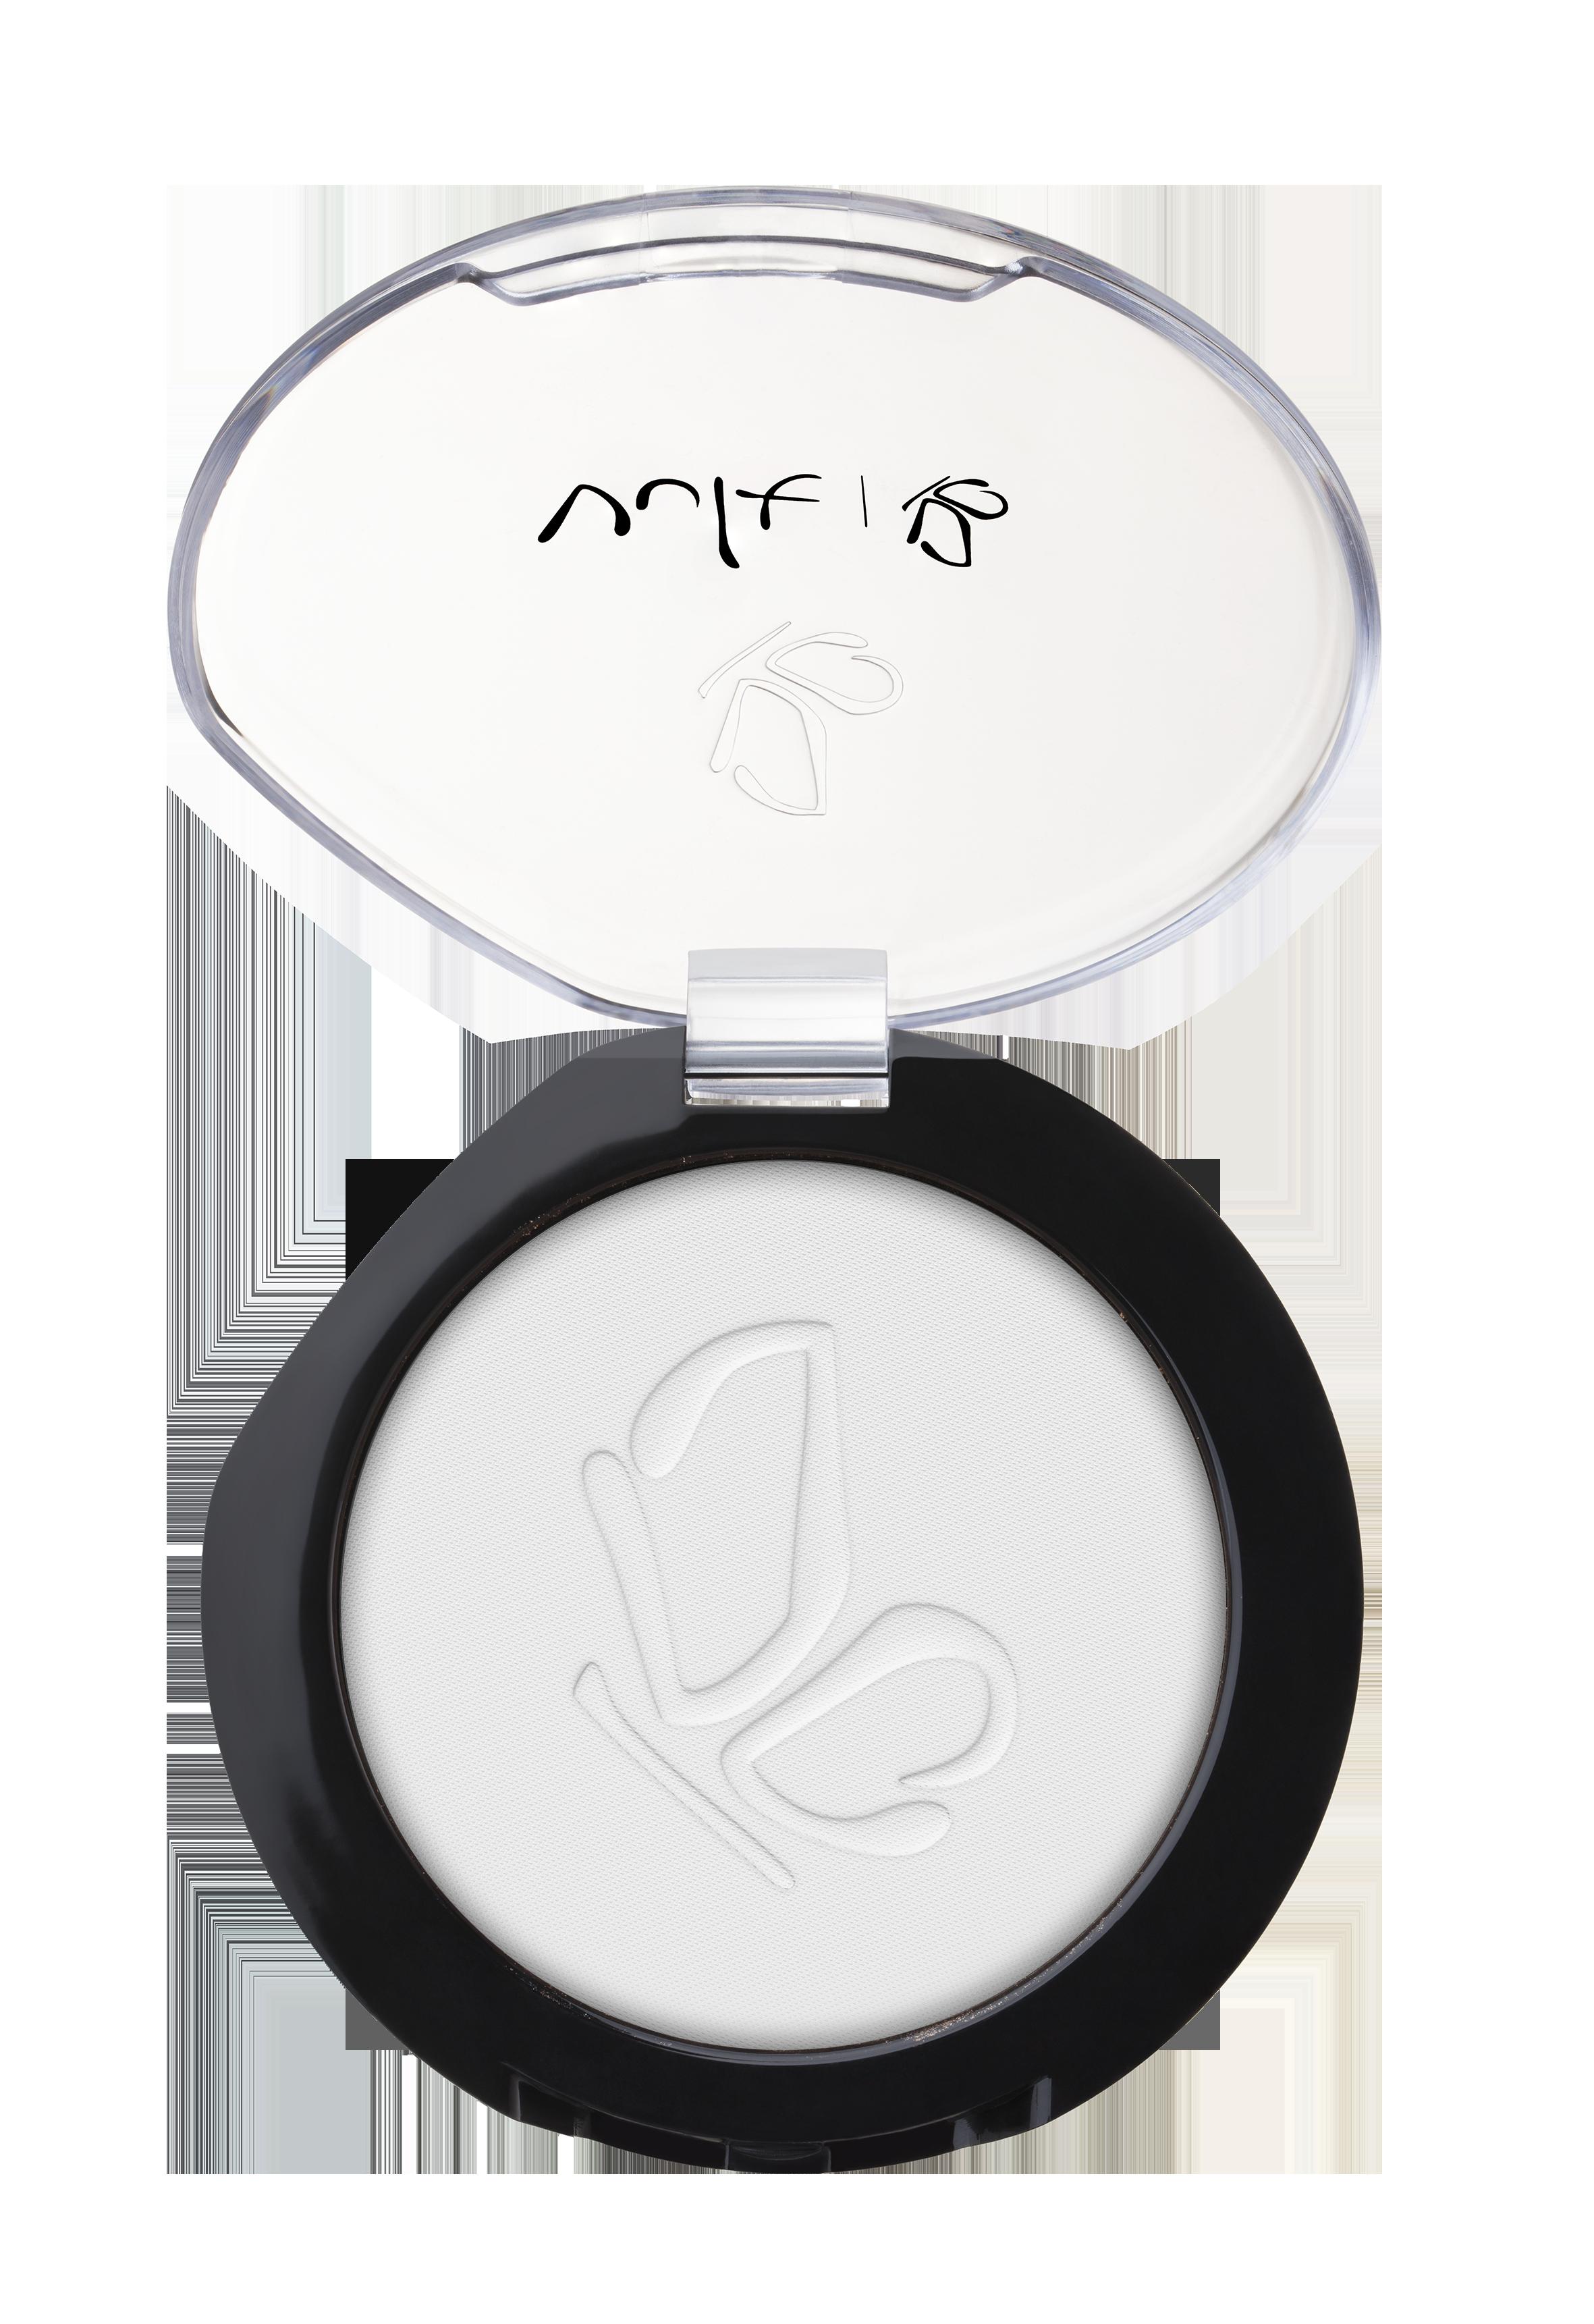 testamos-o-novo-po-matificante-da-vult-que-controla-a-oleosidade-da-pele